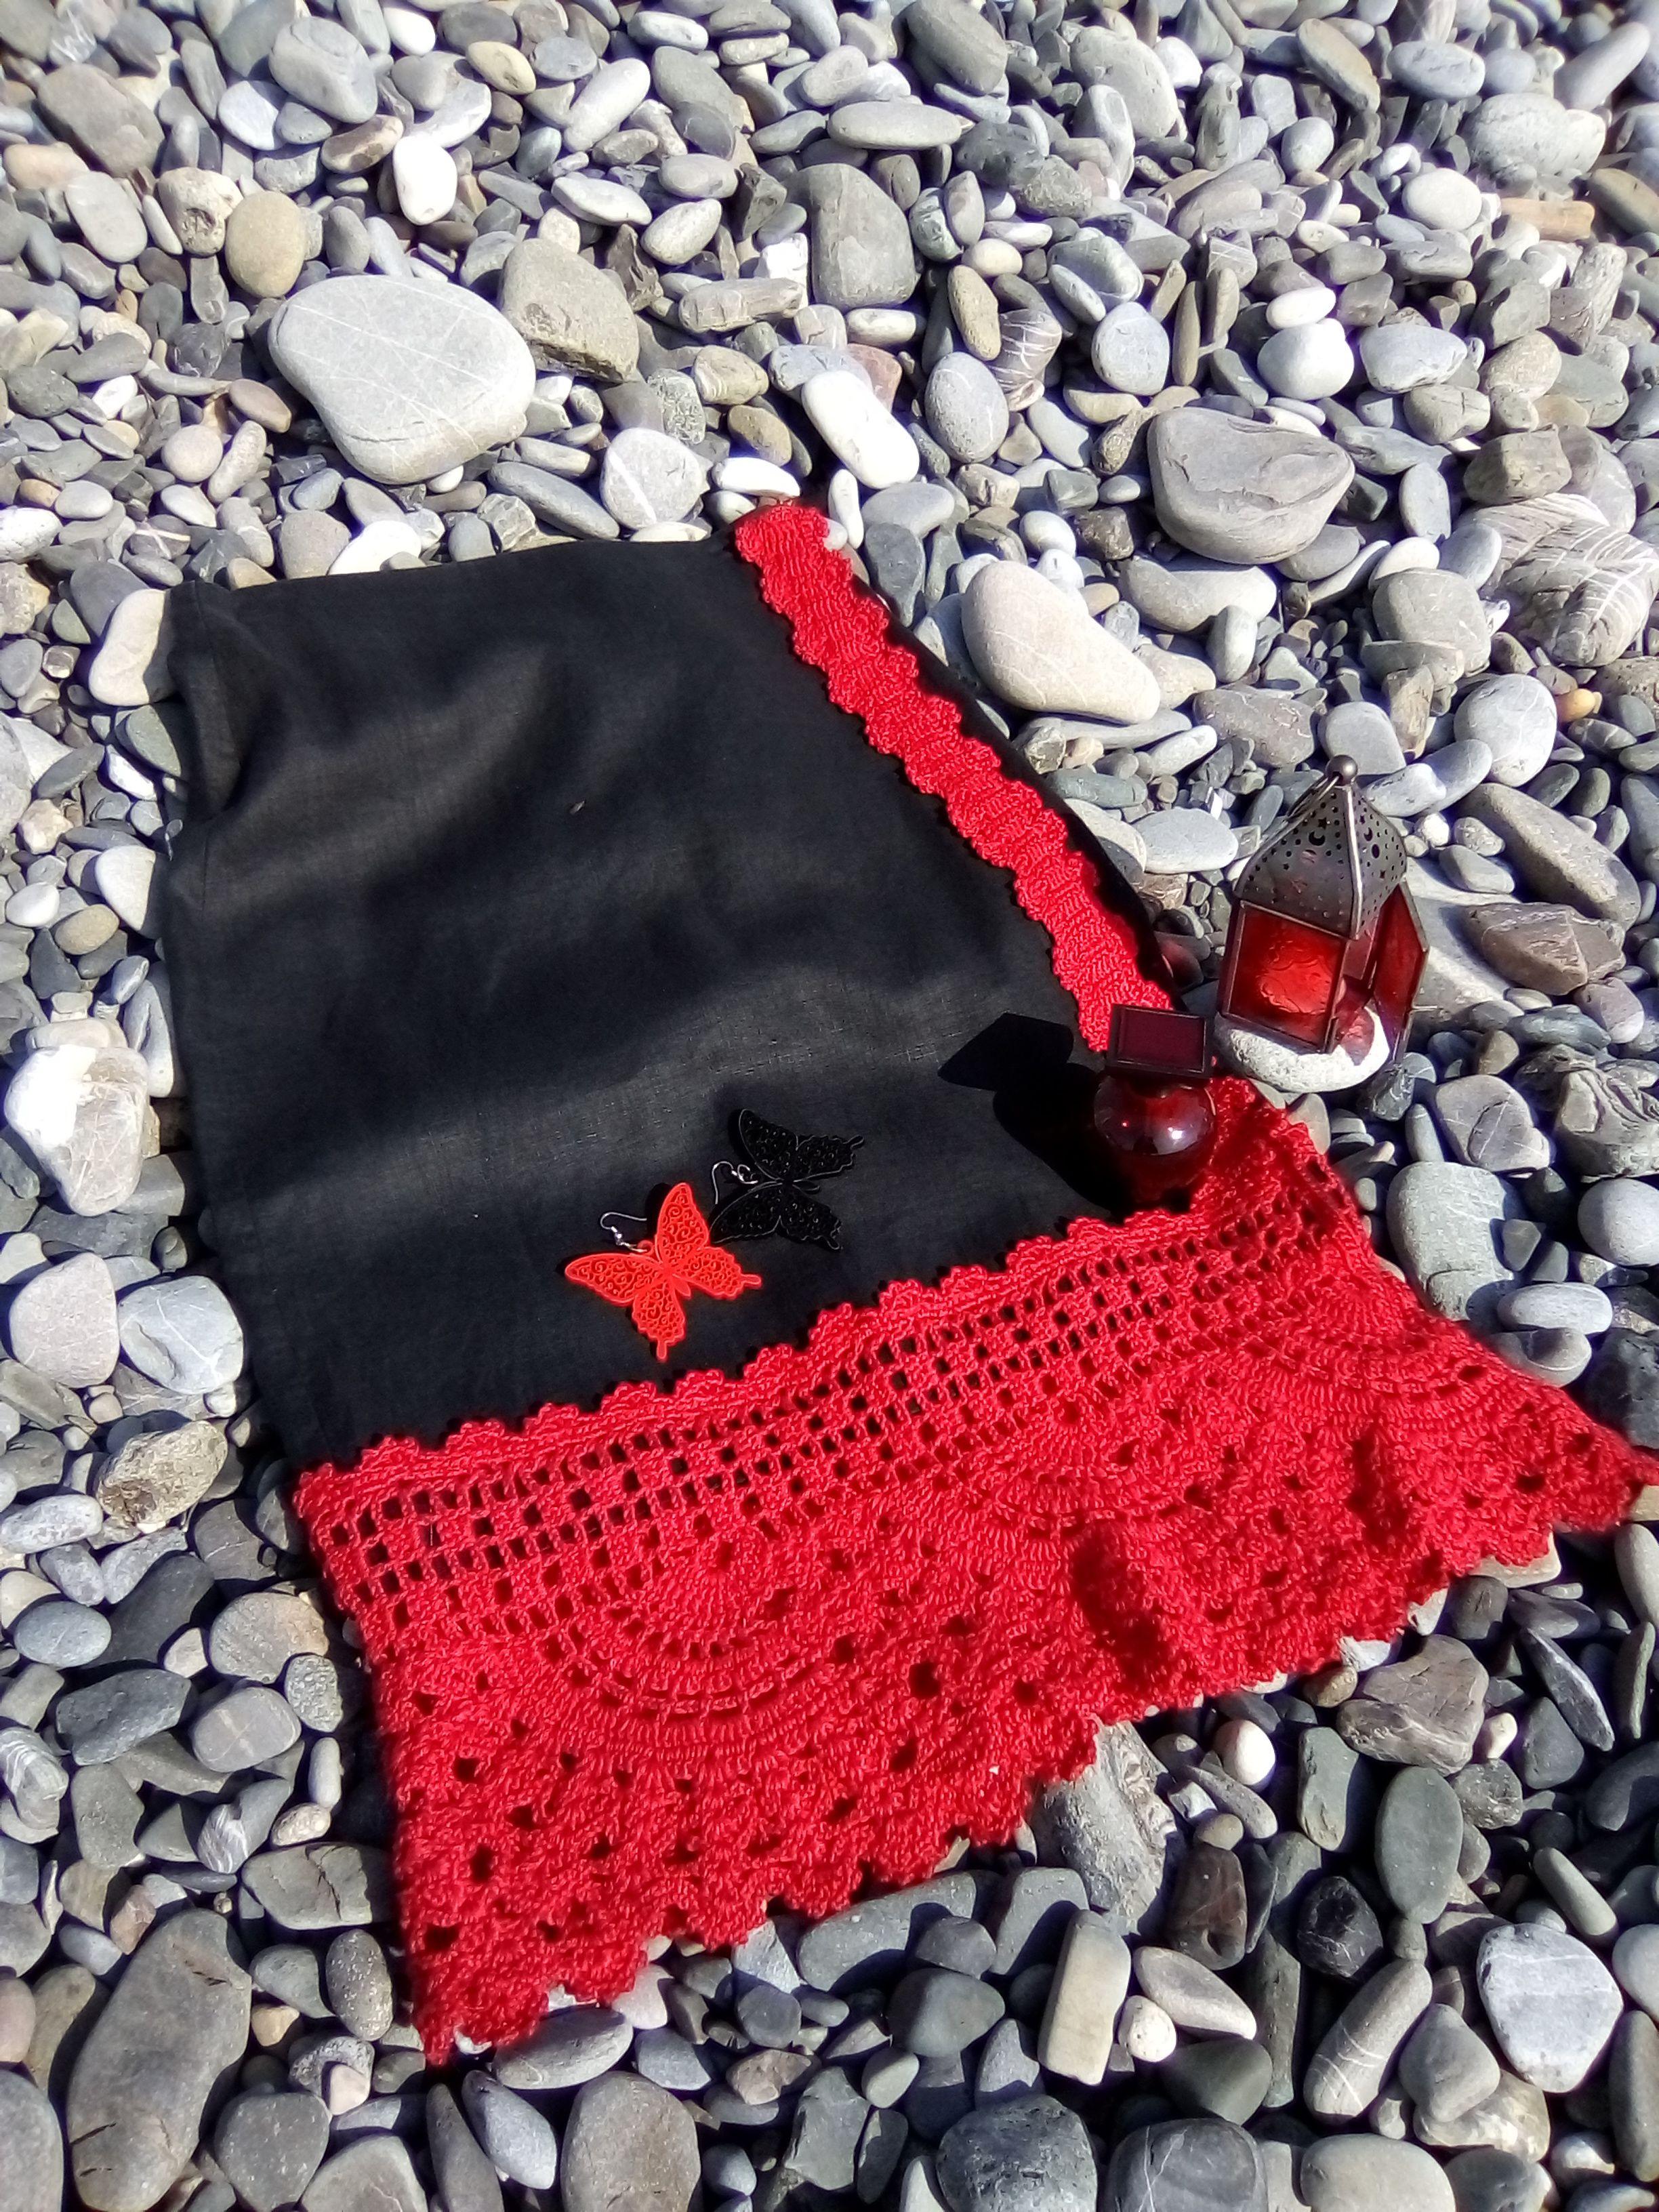 юбка лен вязаная вязаное красное красная ткань льняная ручная запахом черная работа кружево